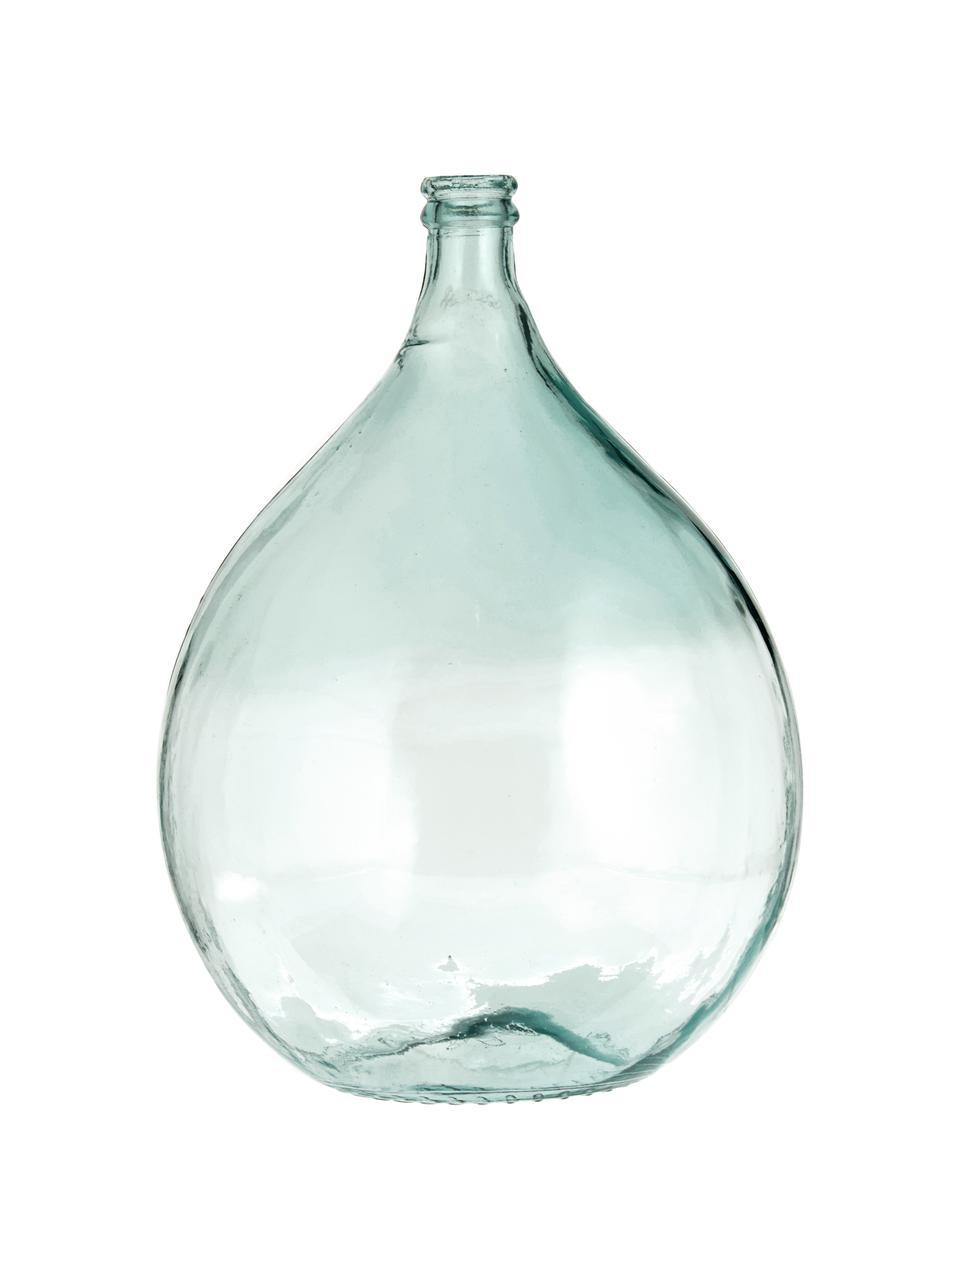 Vloervaas Beluga van gerecycled glas, Gerecycled glas, Lichtblauw, Ø 40 x H 56  cm